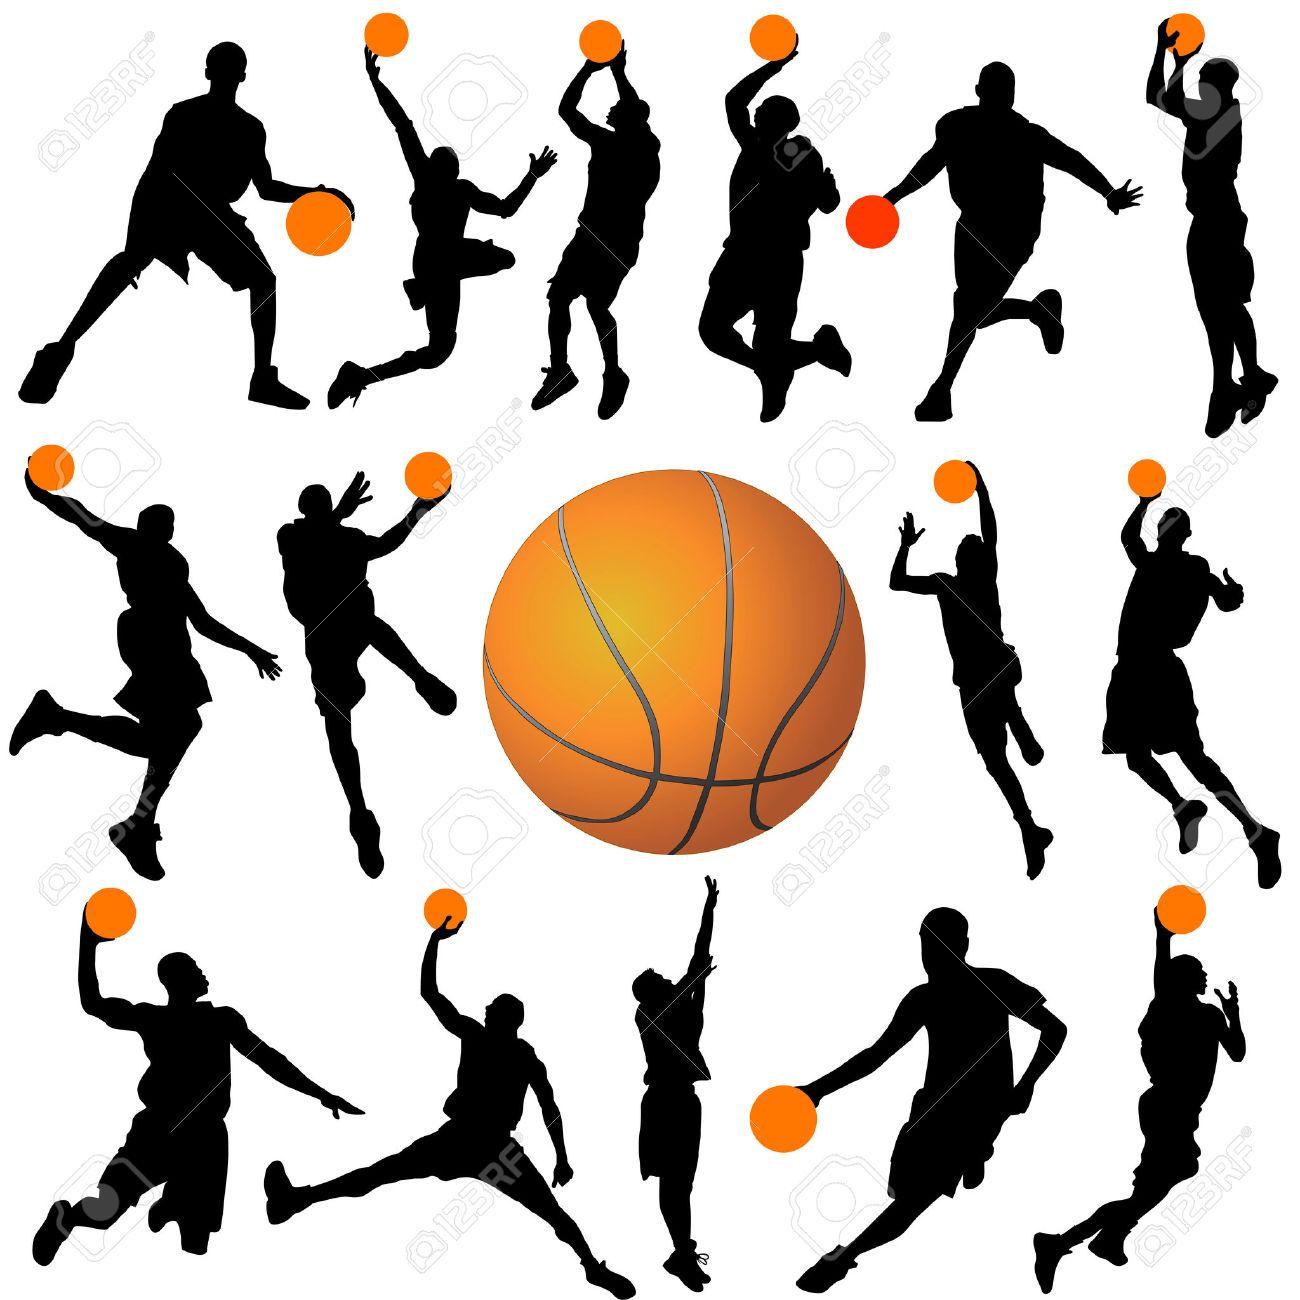 imagenes basketball - Buscar con Google